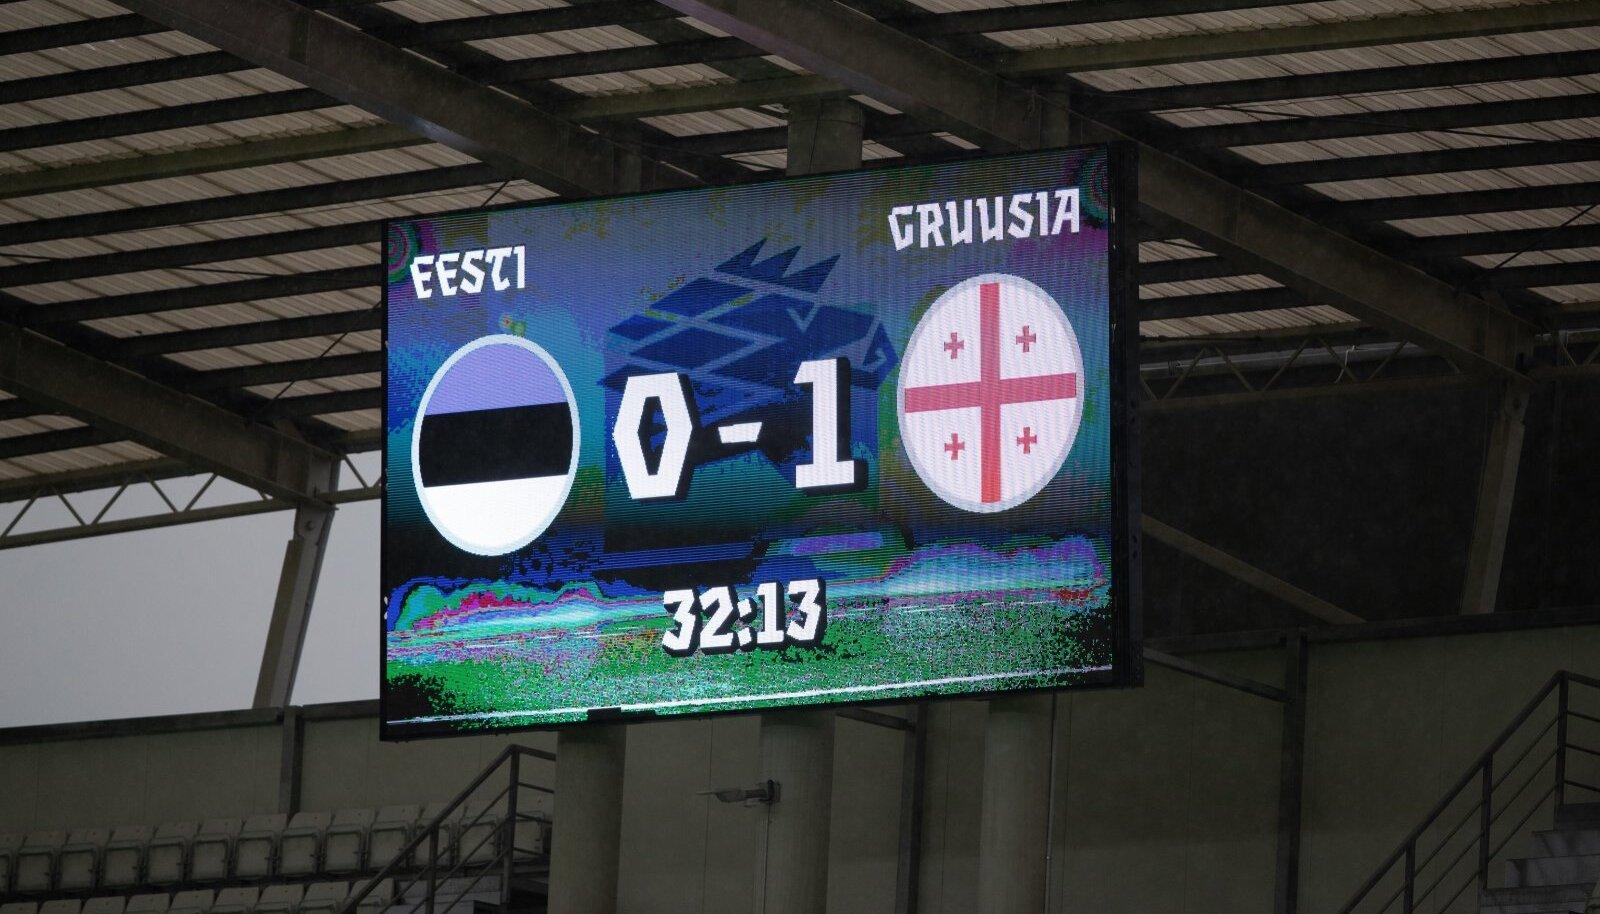 Eesti kaotas septembris nii Gruusiale kui ka Armeeniale.